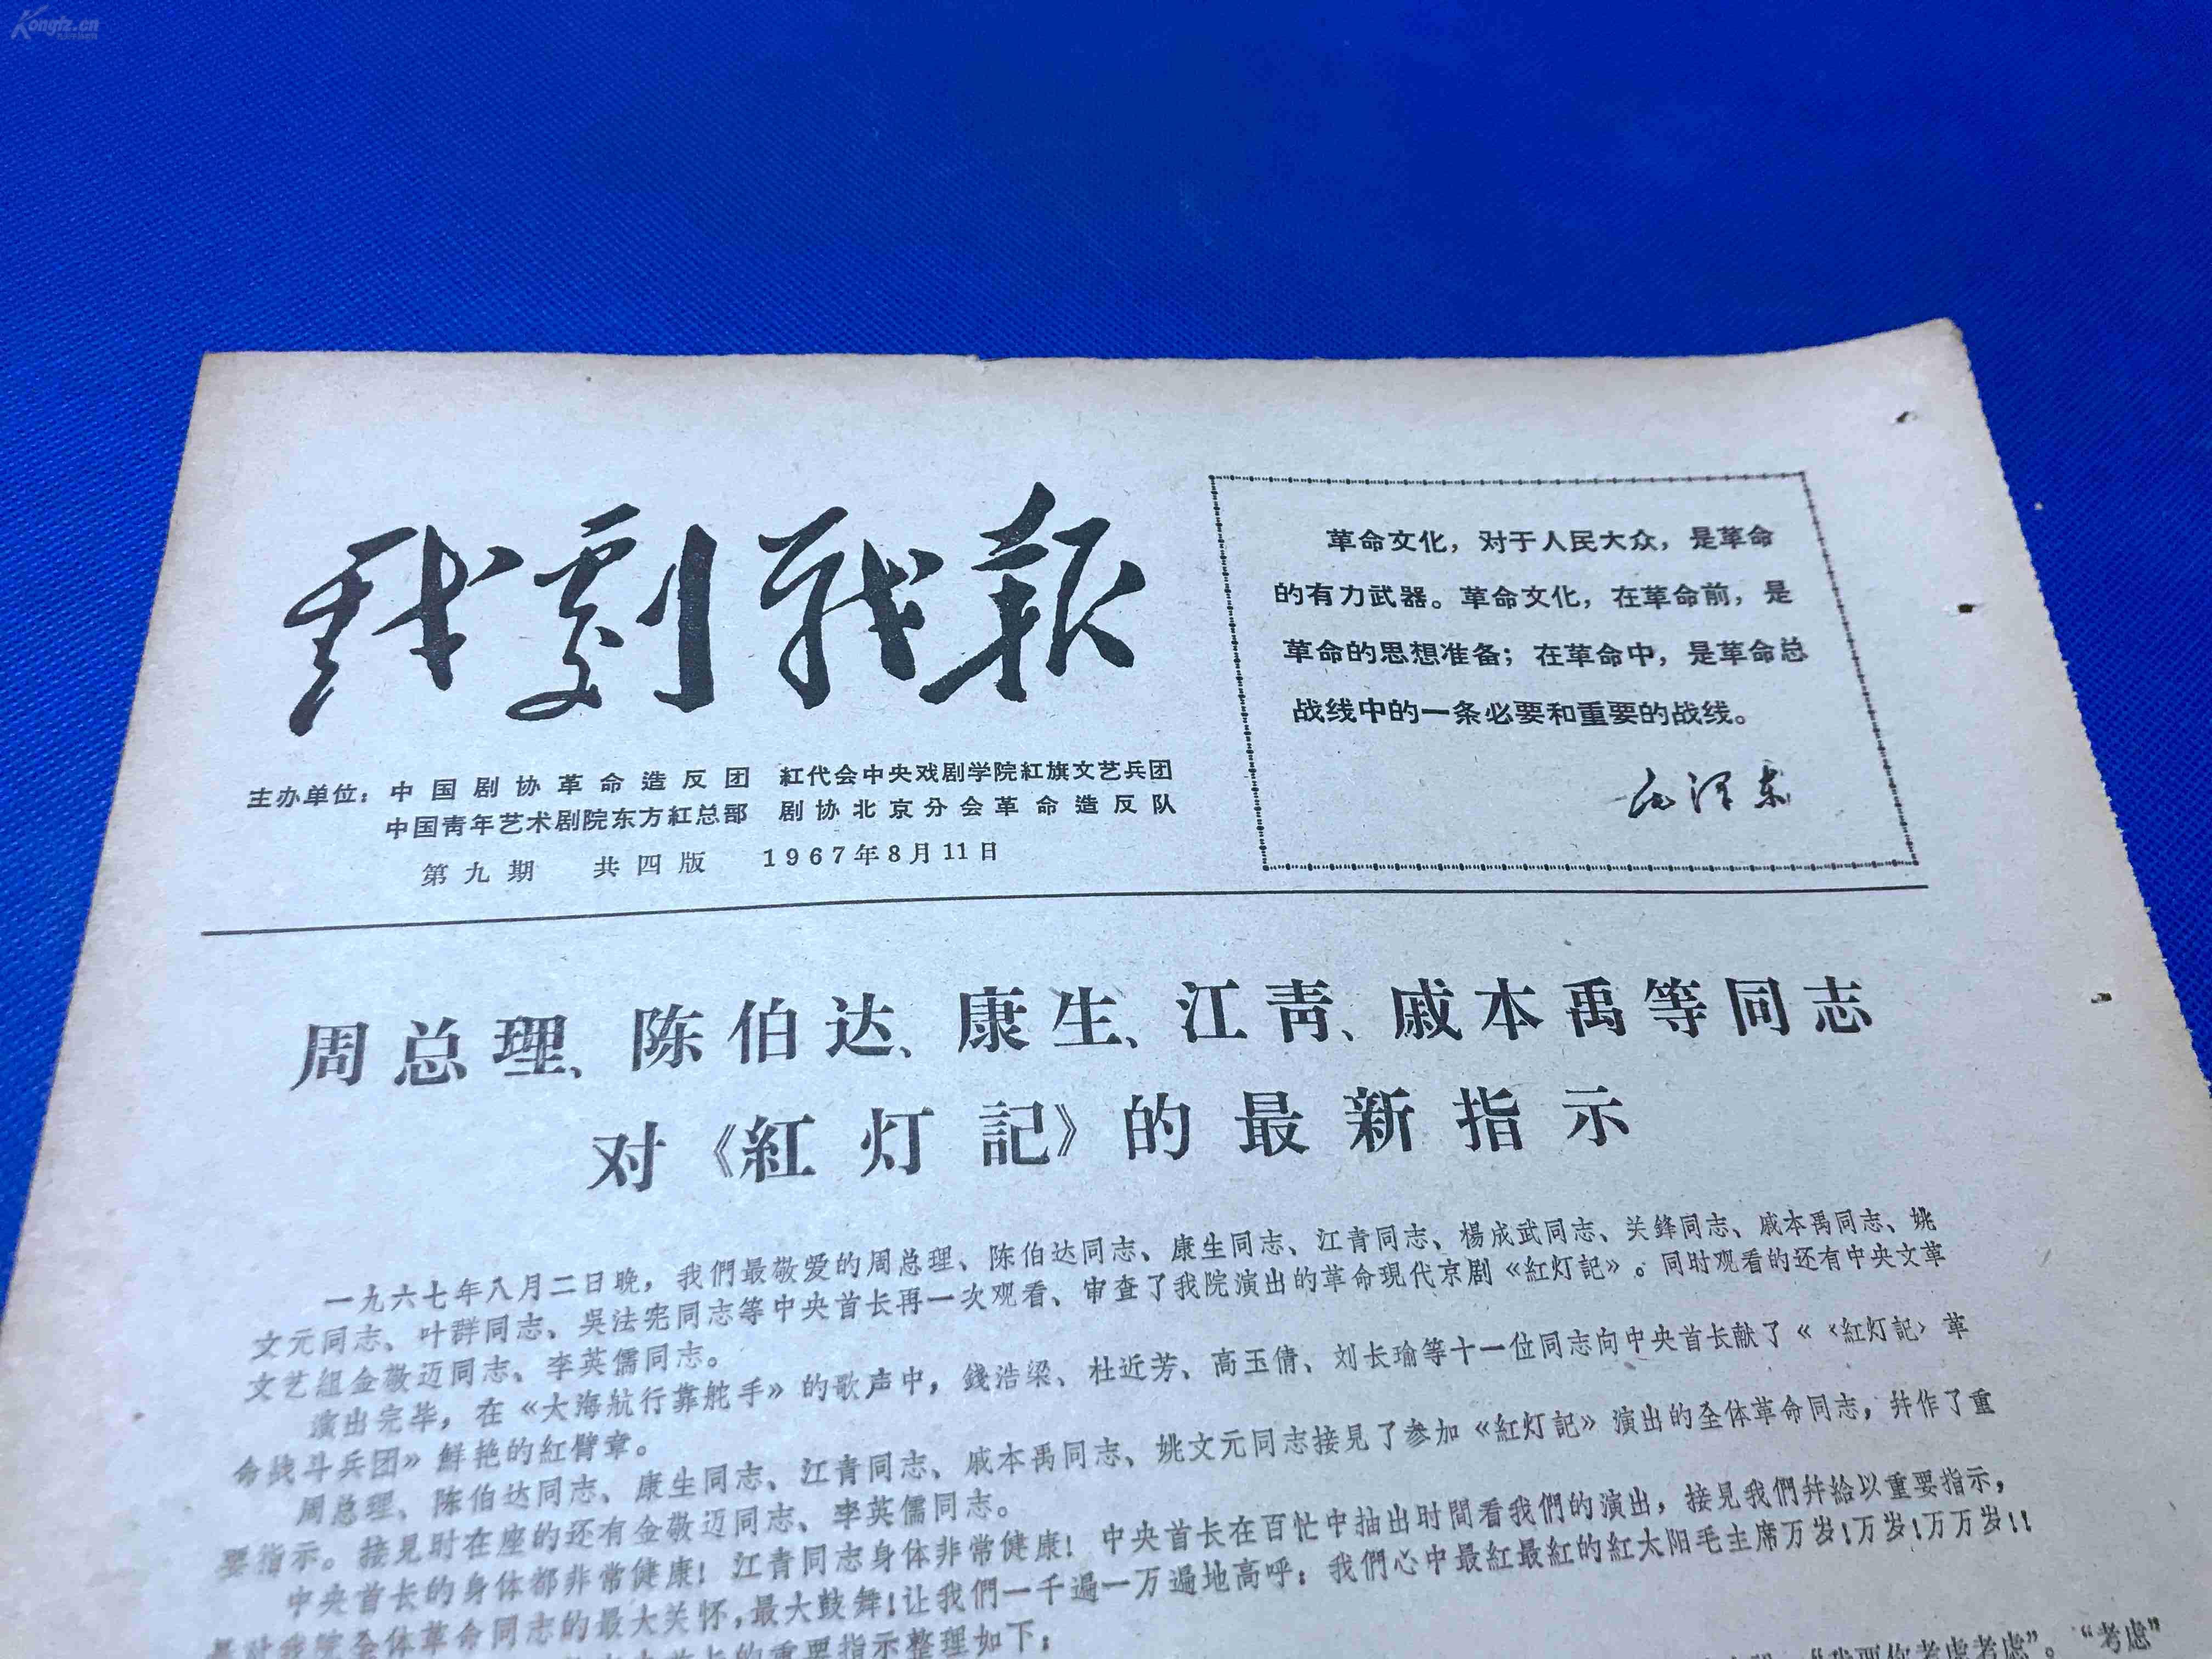 《戏剧战报》1967年第9期共4版,(周总理,伯达,康生,江青,戚本禹等同志